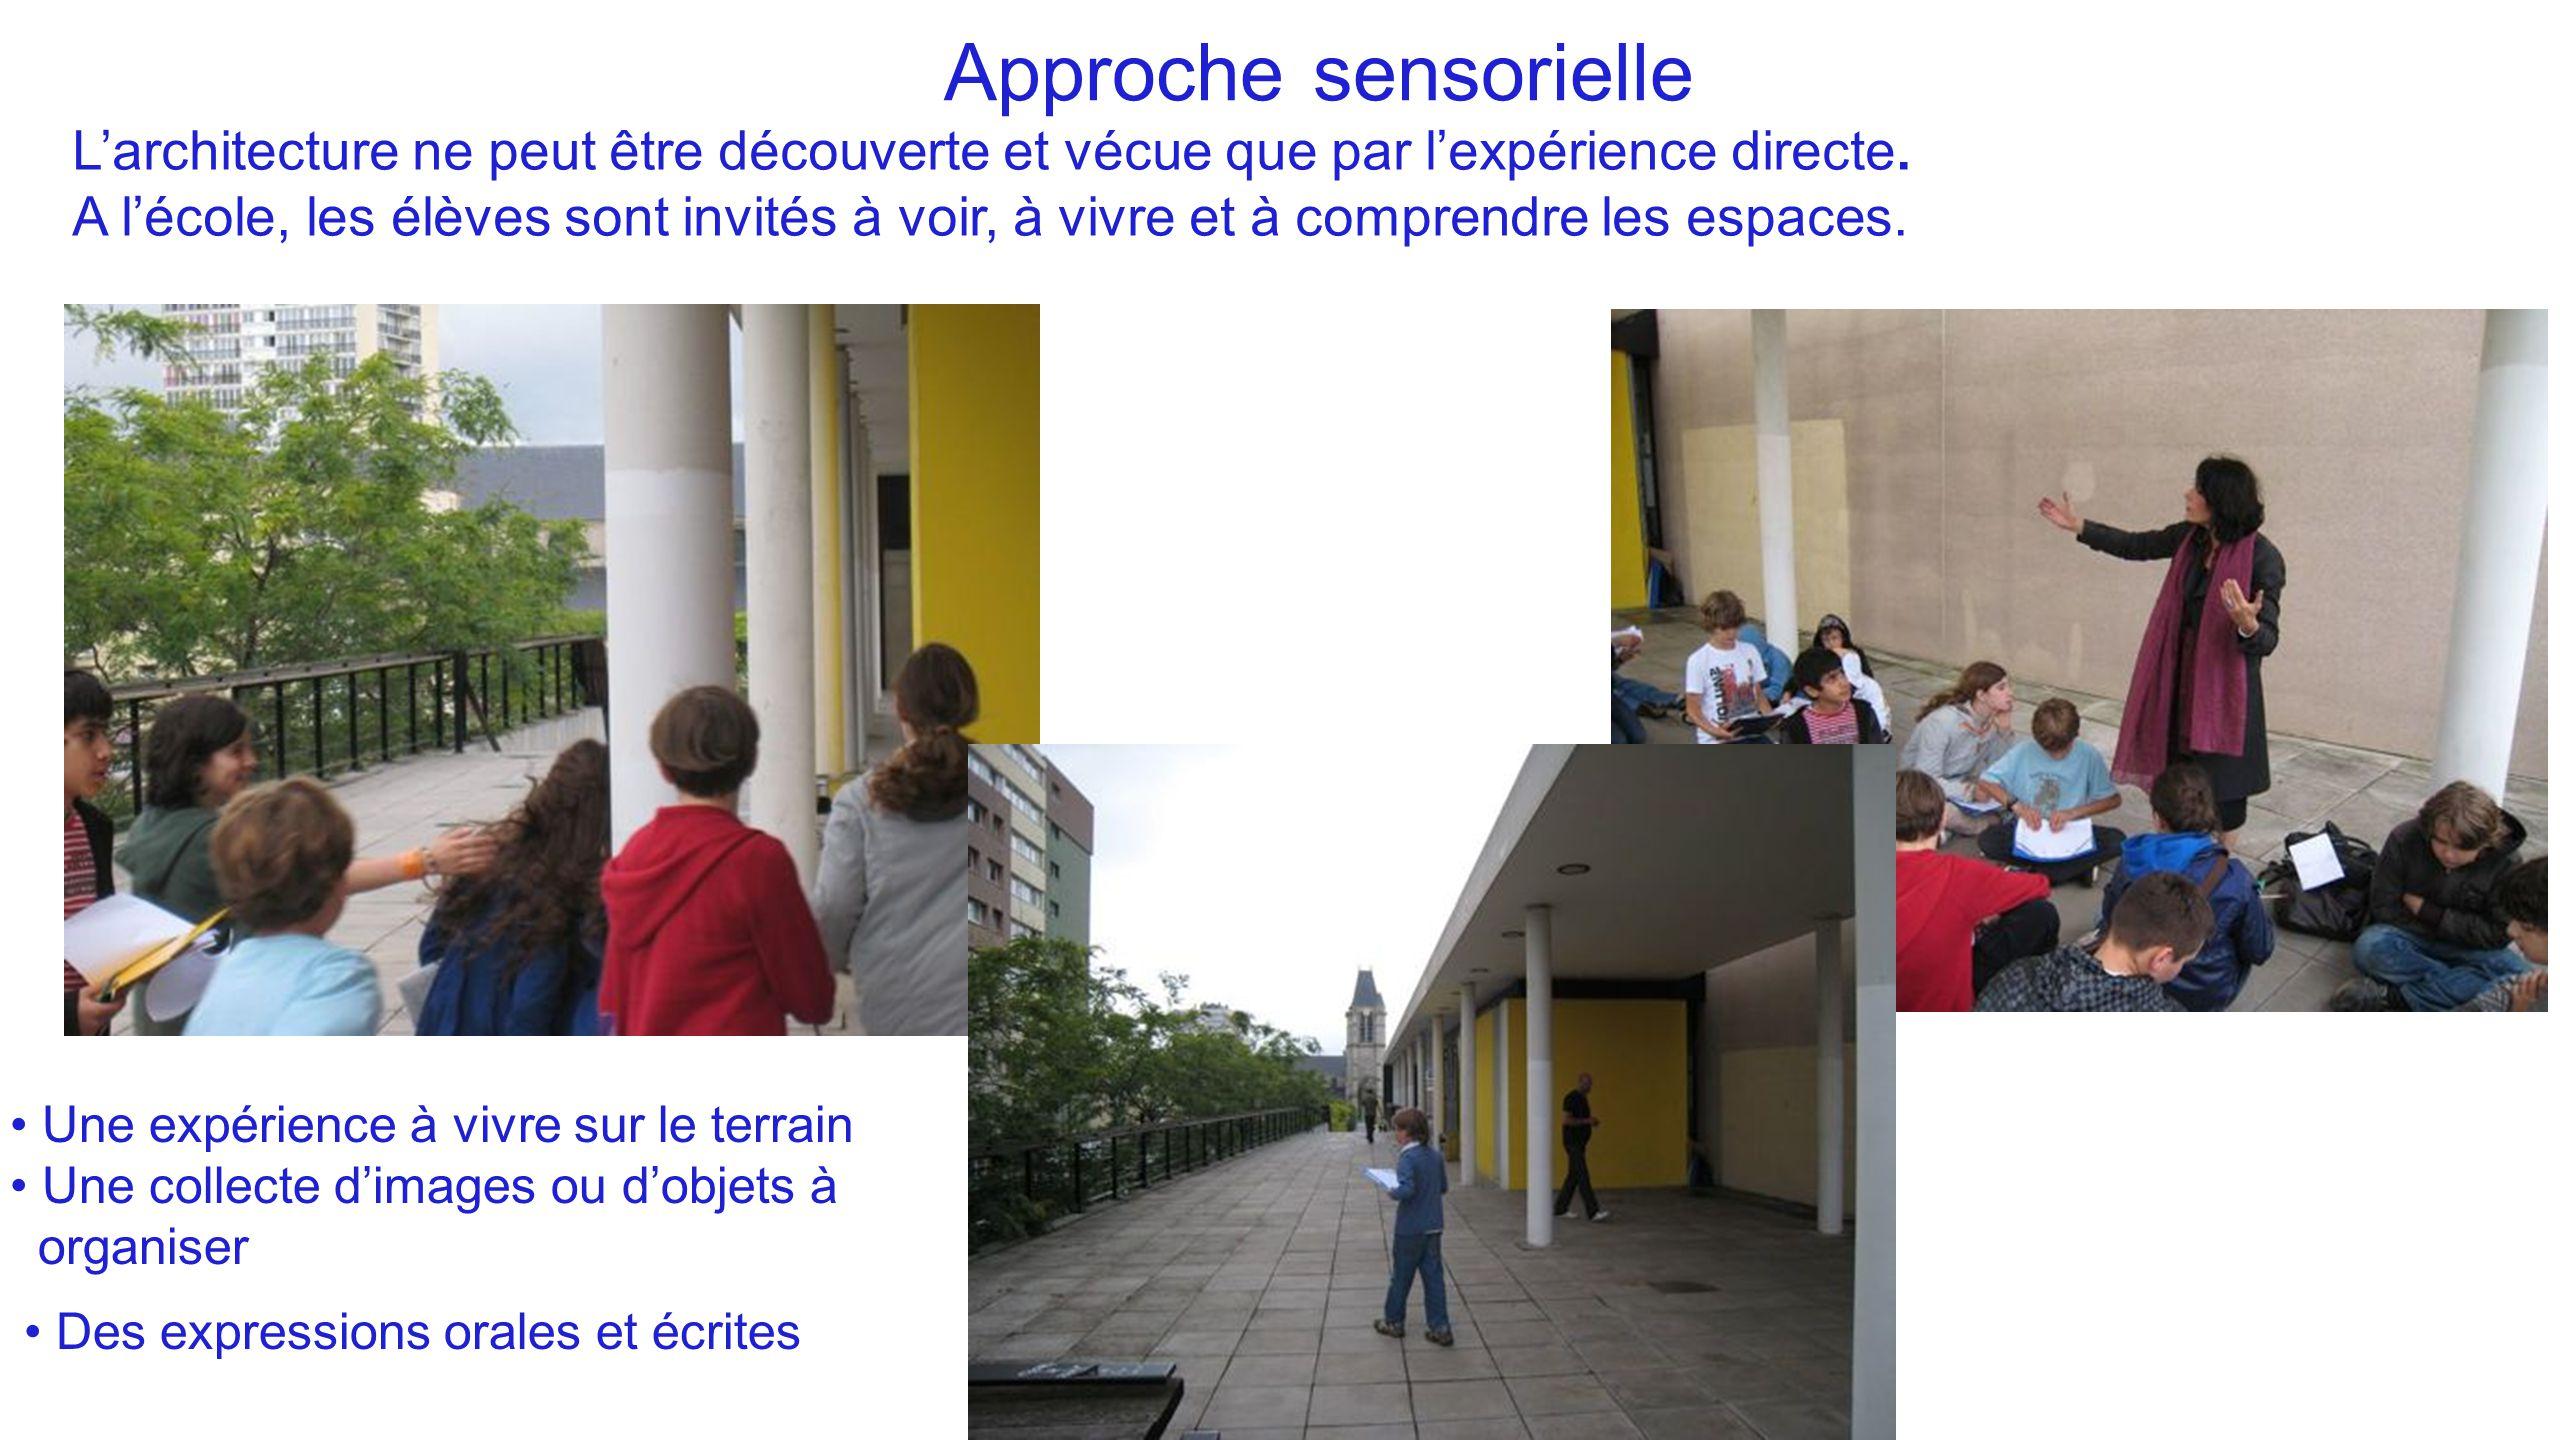 Approche sensorielle L'architecture ne peut être découverte et vécue que par l'expérience directe.